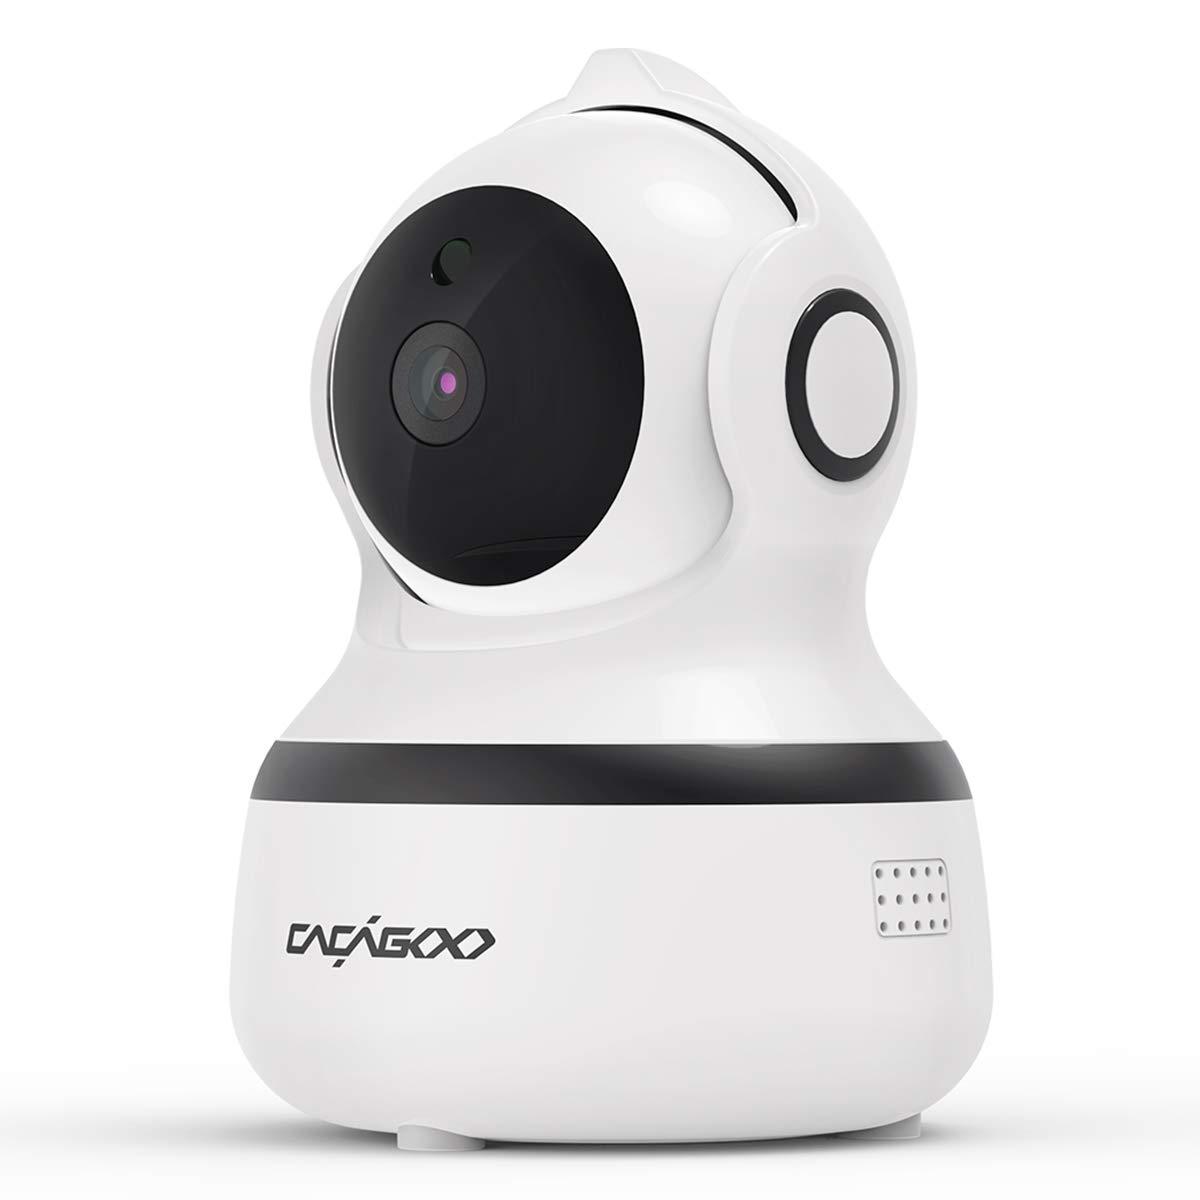 CACAGOO 1080P Telecamera di Sorveglianza WiFi